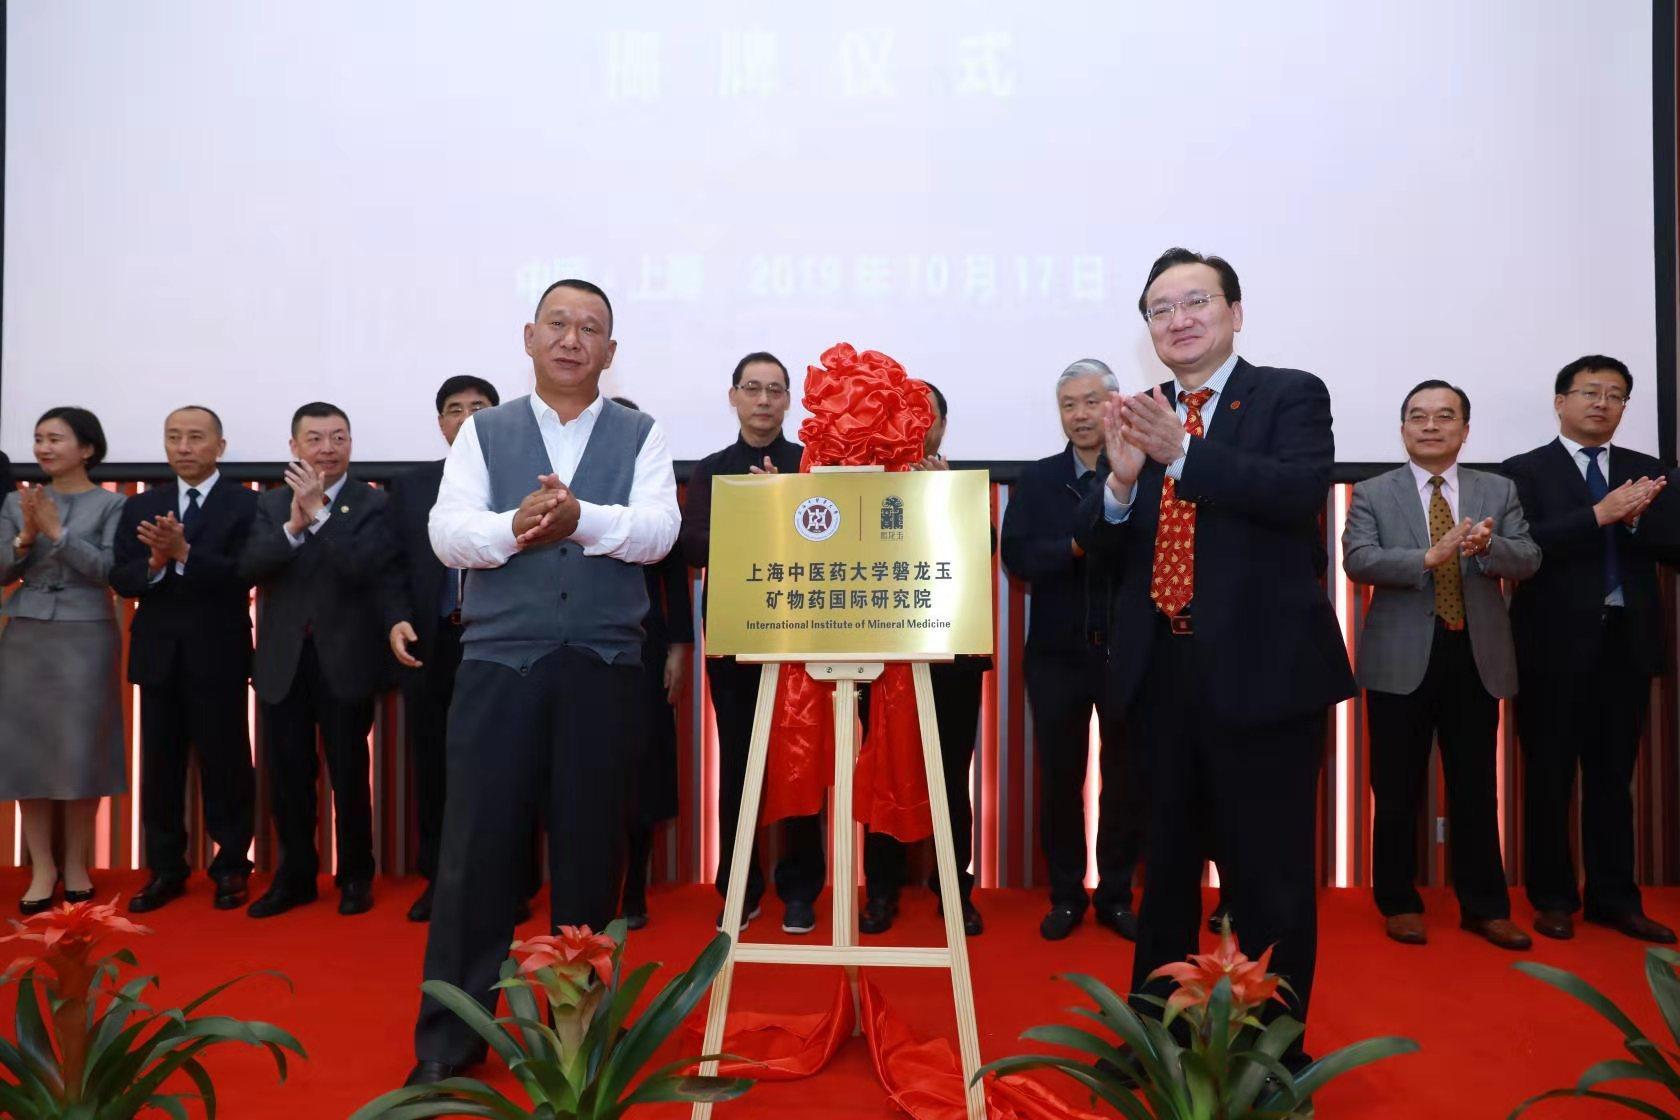 研发玉石矿物,全国首个矿物药国际研究院成立